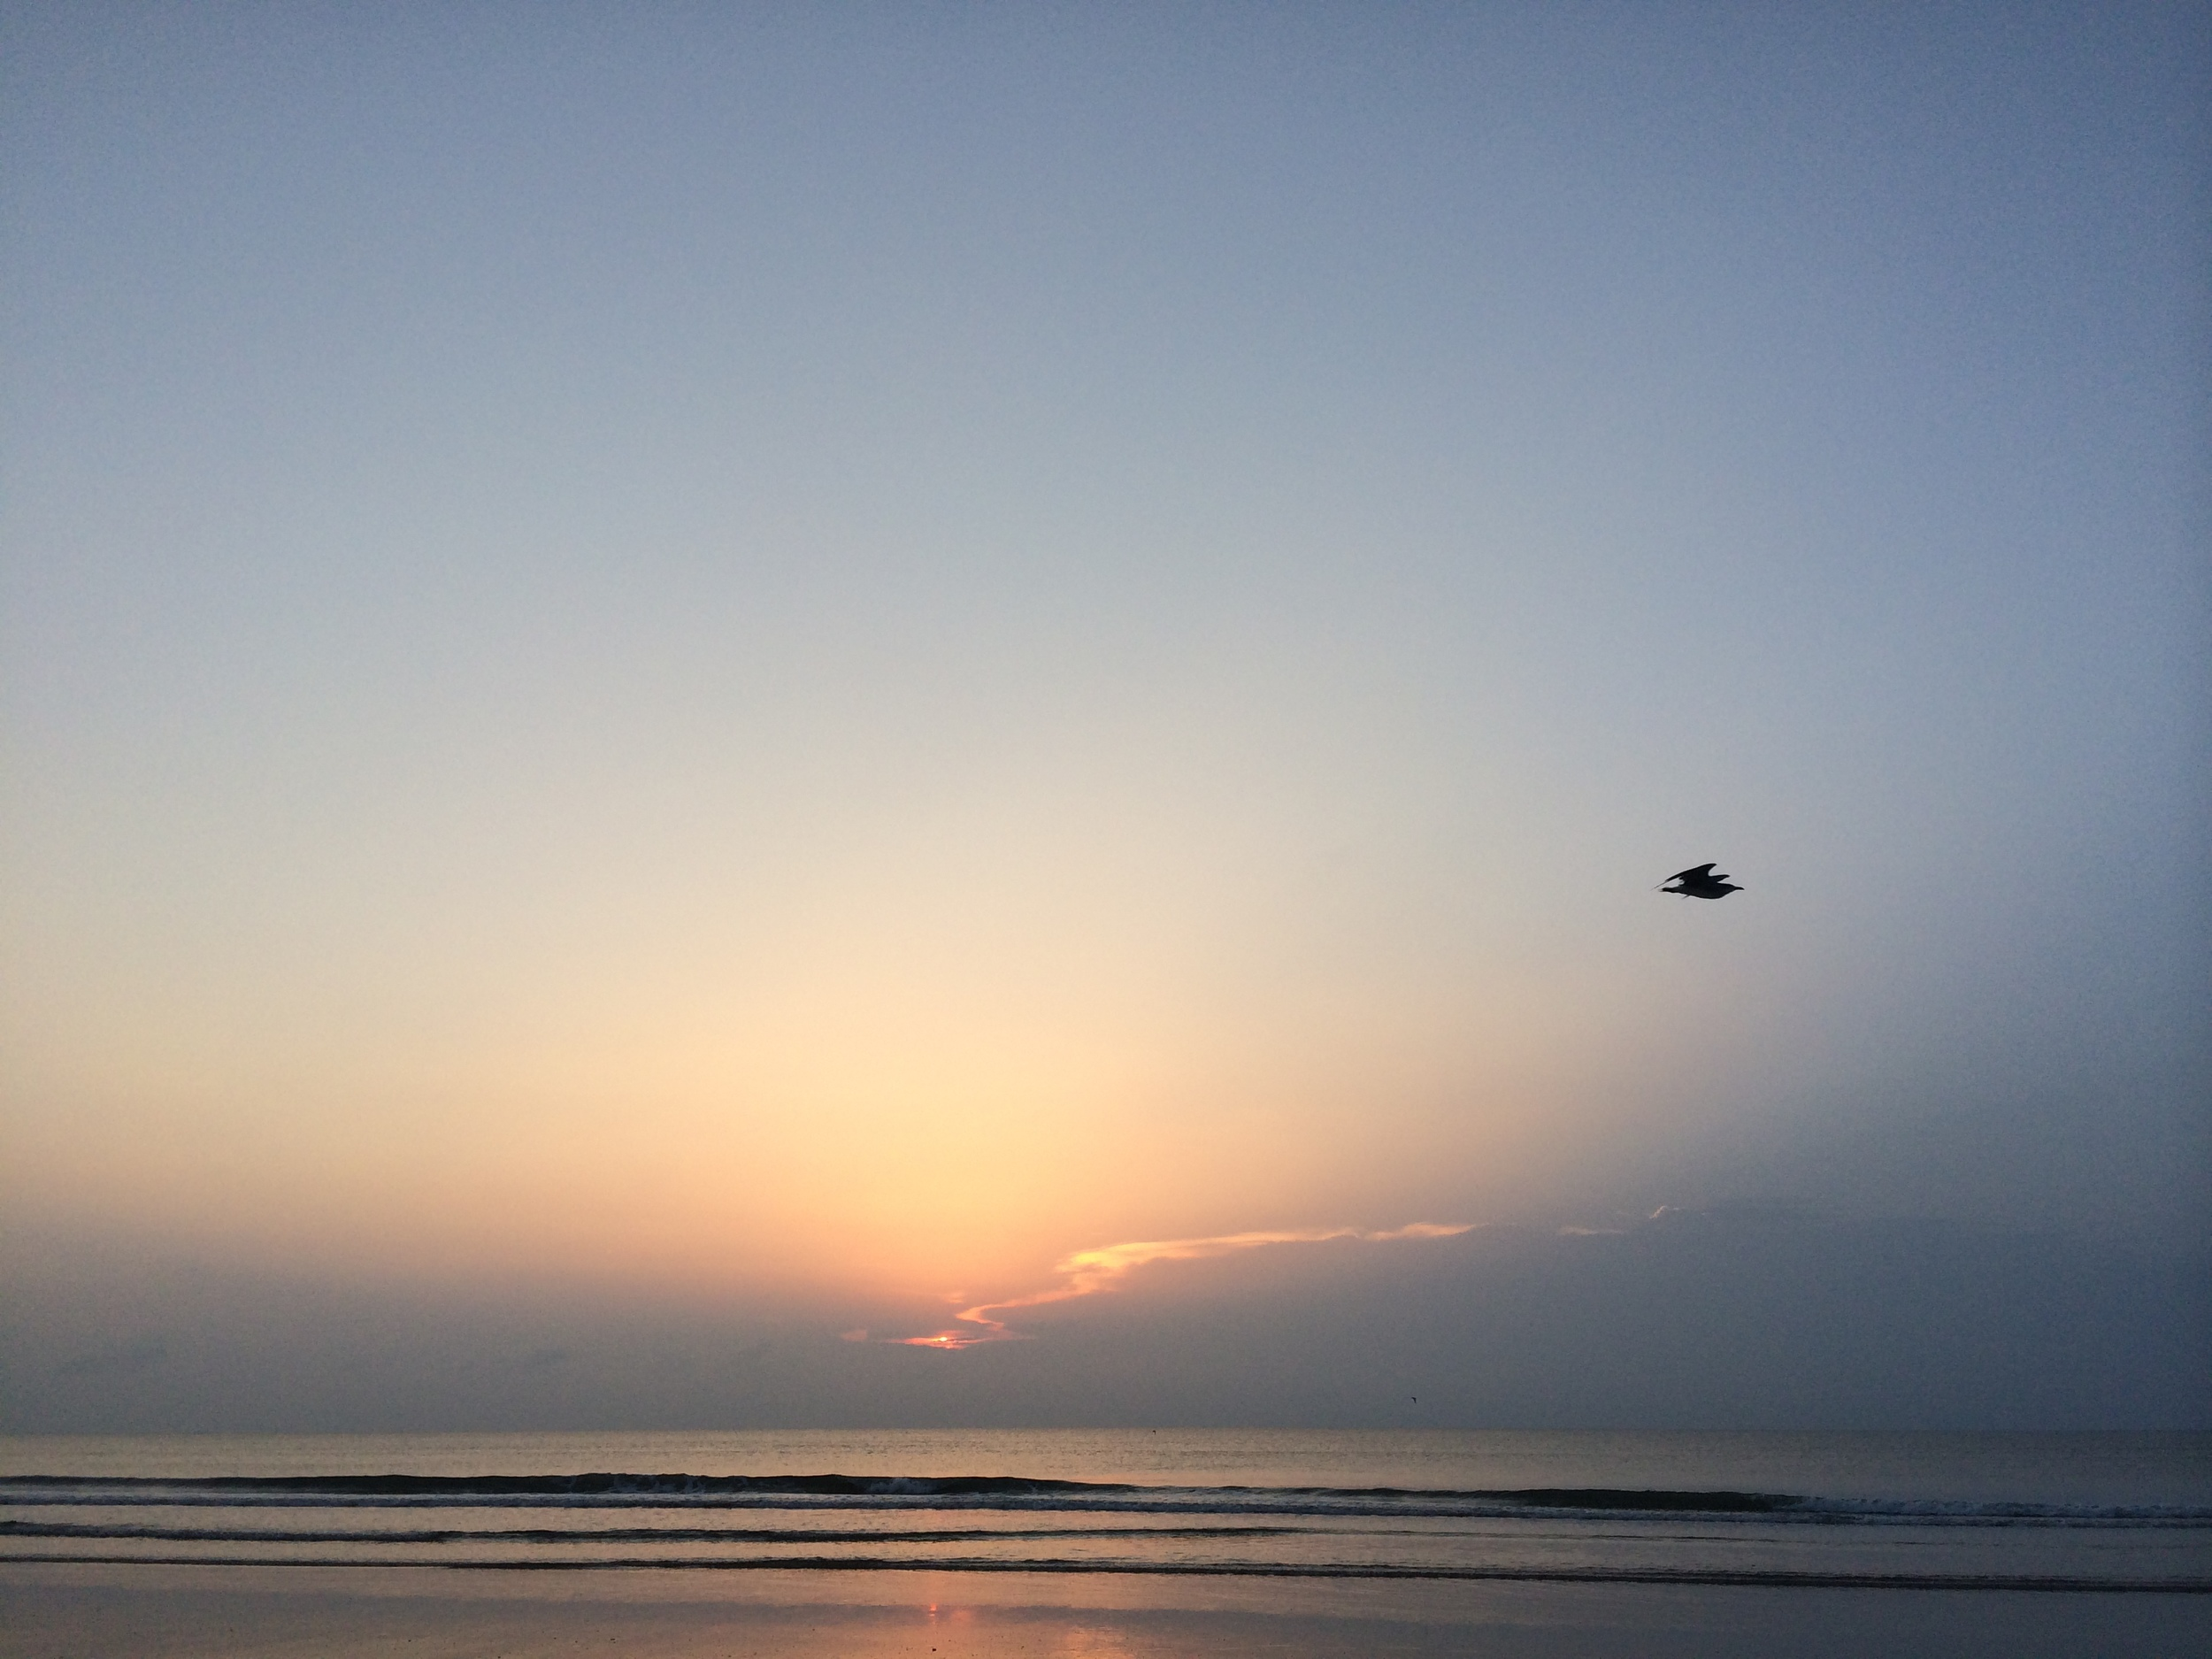 Dawn Flight, St. Augustine, August 2014